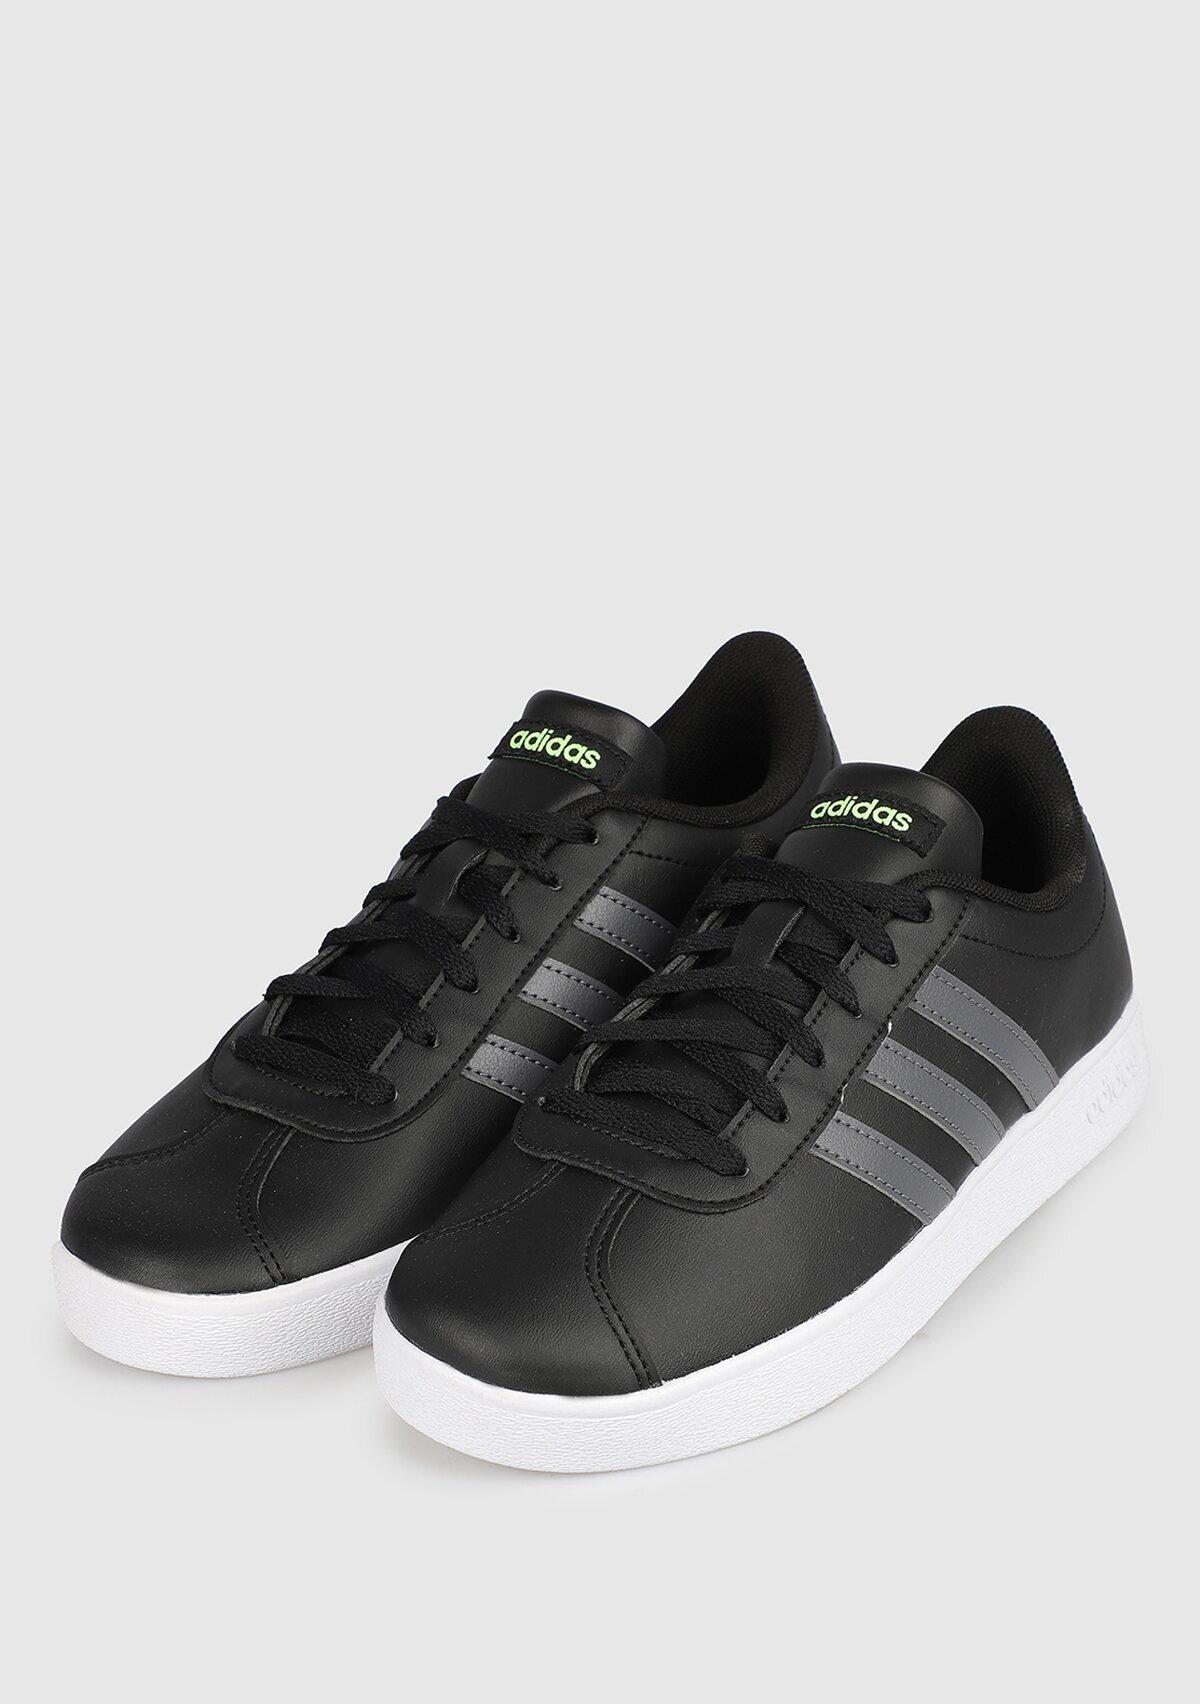 resm Vl Court K Siyah Kadın Tenis Ayakkabısı F36381